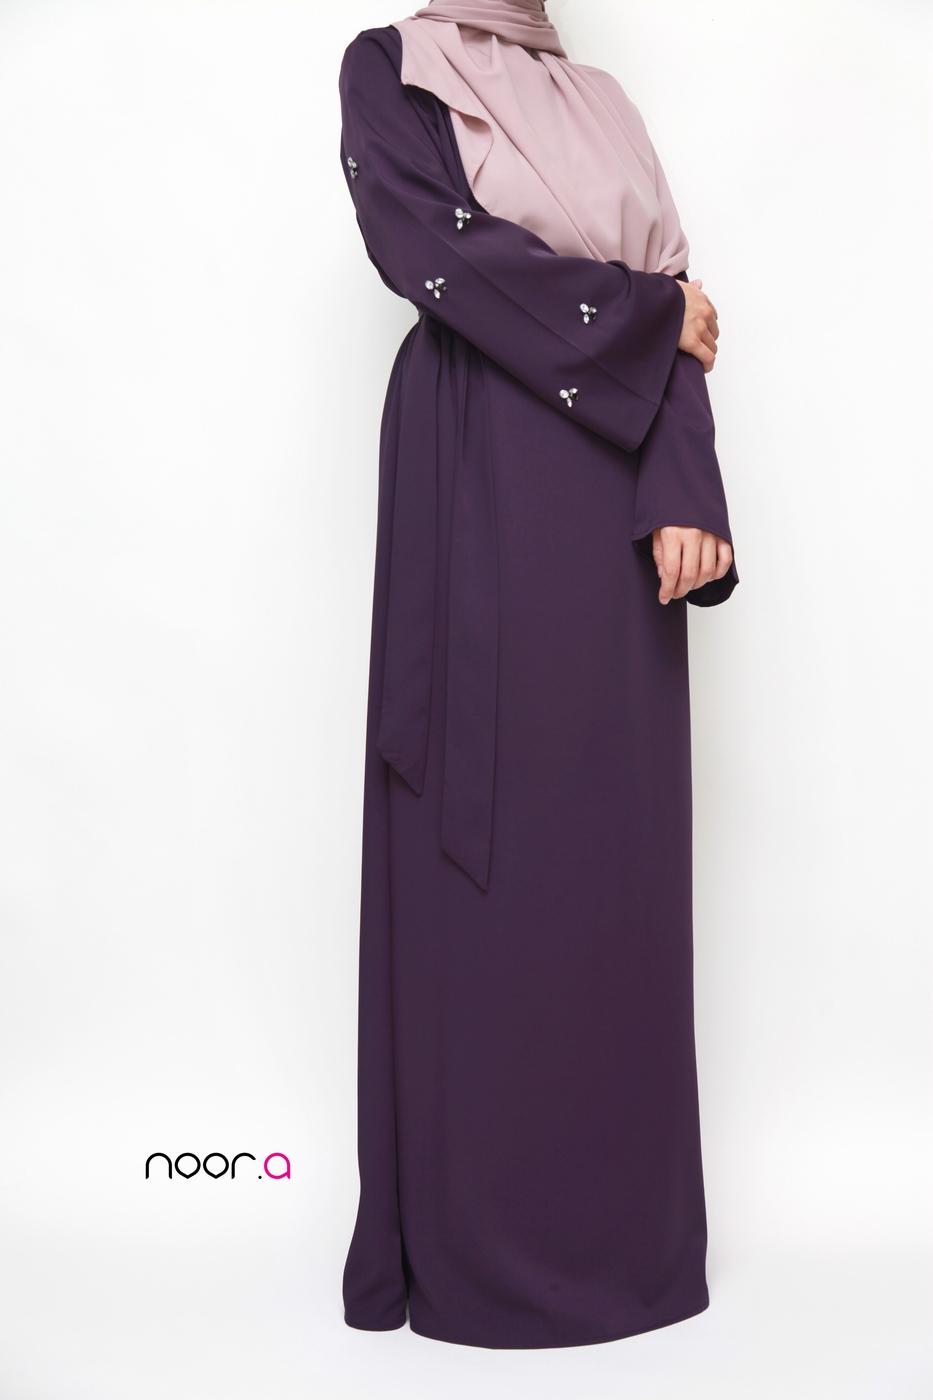 robe-abaya-ambre-creations-noora-aubergine-hijab-soie-de-medine-nude (3)